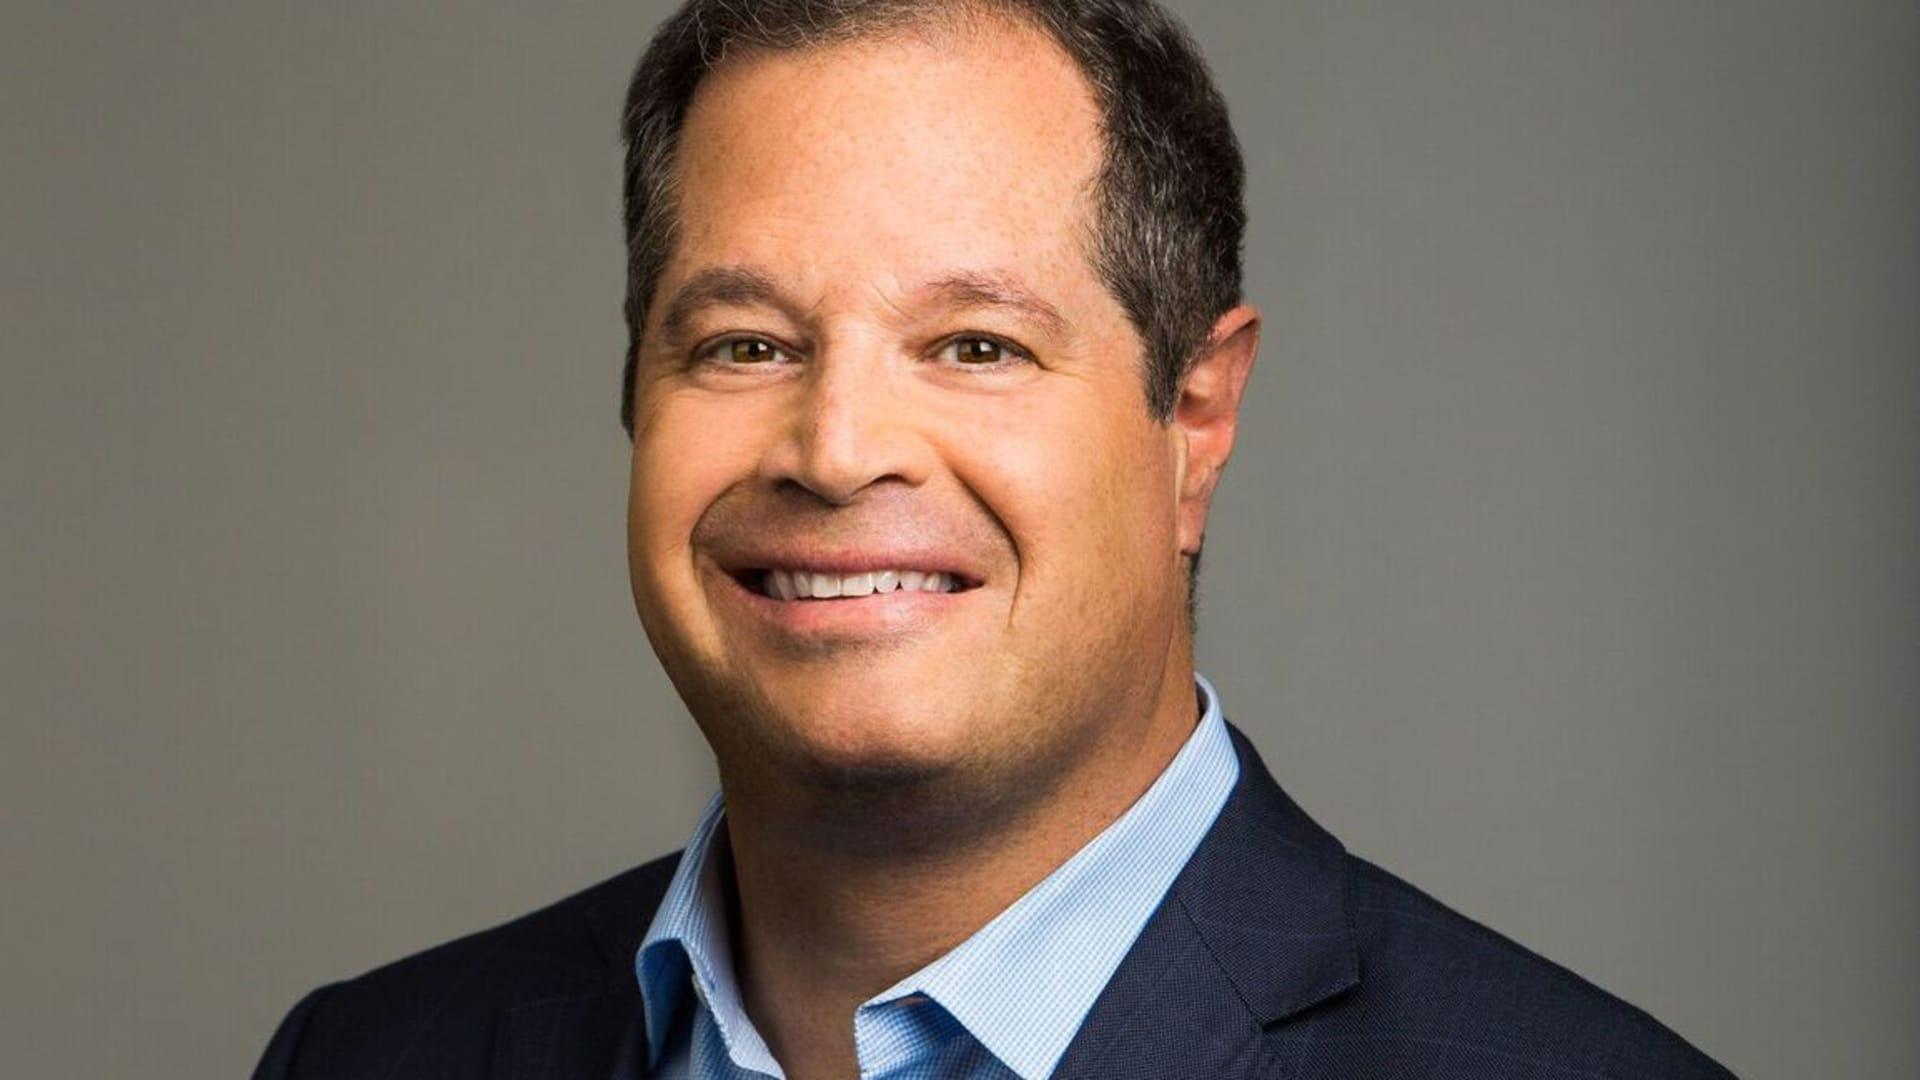 John Somorjai of Salesforce